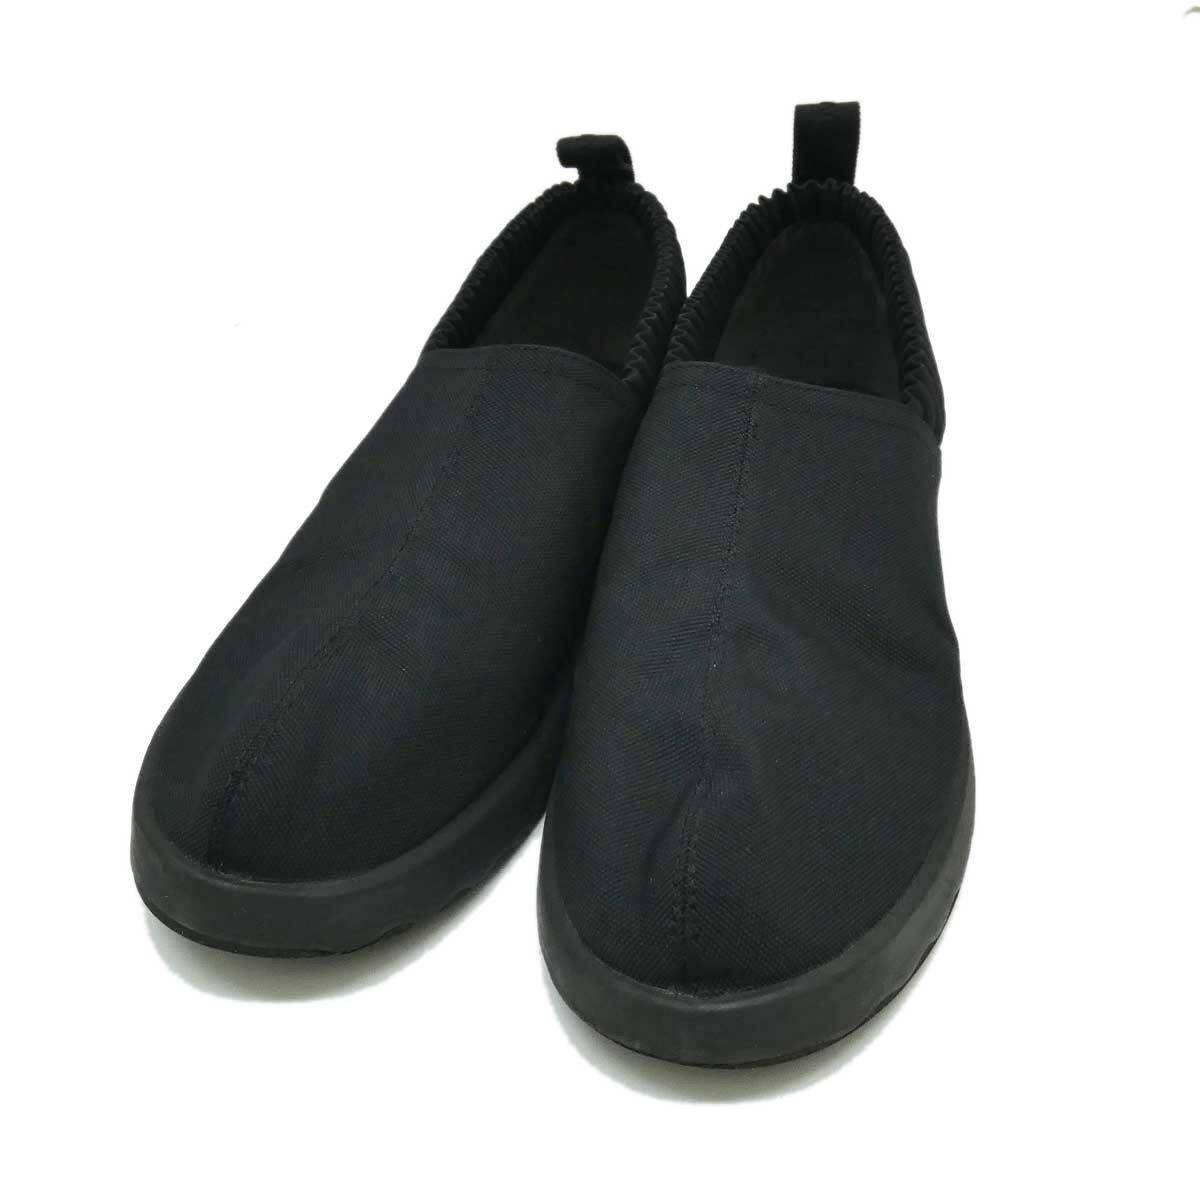 メンズ靴, その他 HOMME PLISSE ISSEY MIYAKE 29 190221